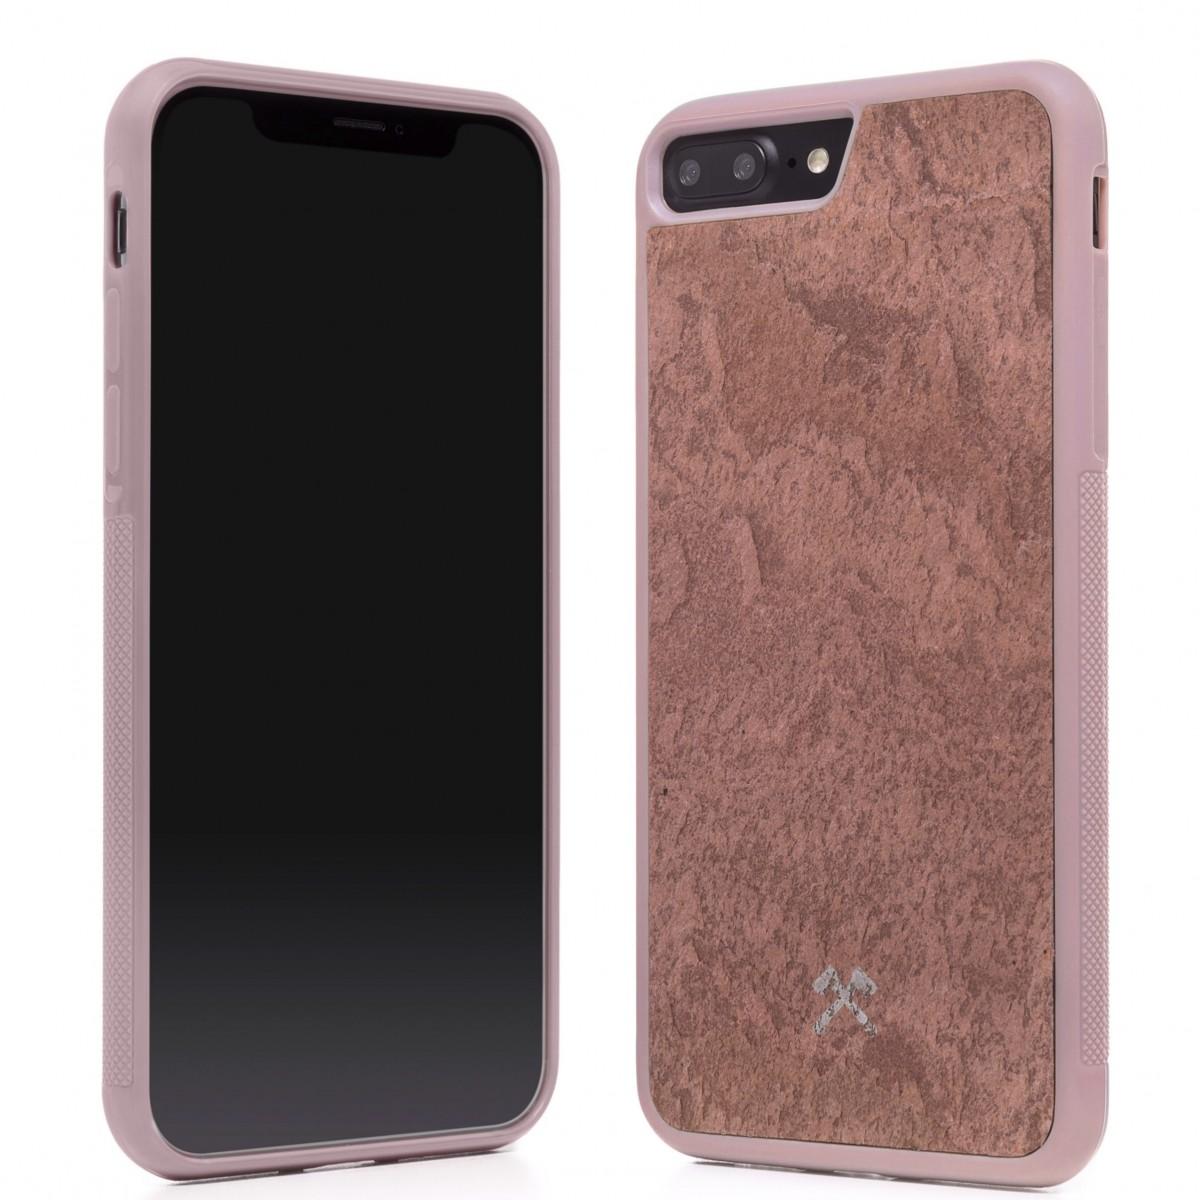 Woodcessories - EcoBump Stone - Premium Design Hülle, Case, Cover, Backcover für das iPhone 7 / 8 Plus aus hochwertigem Stein (Volcano Schwarz, Camo Grau, Canyon Rot)